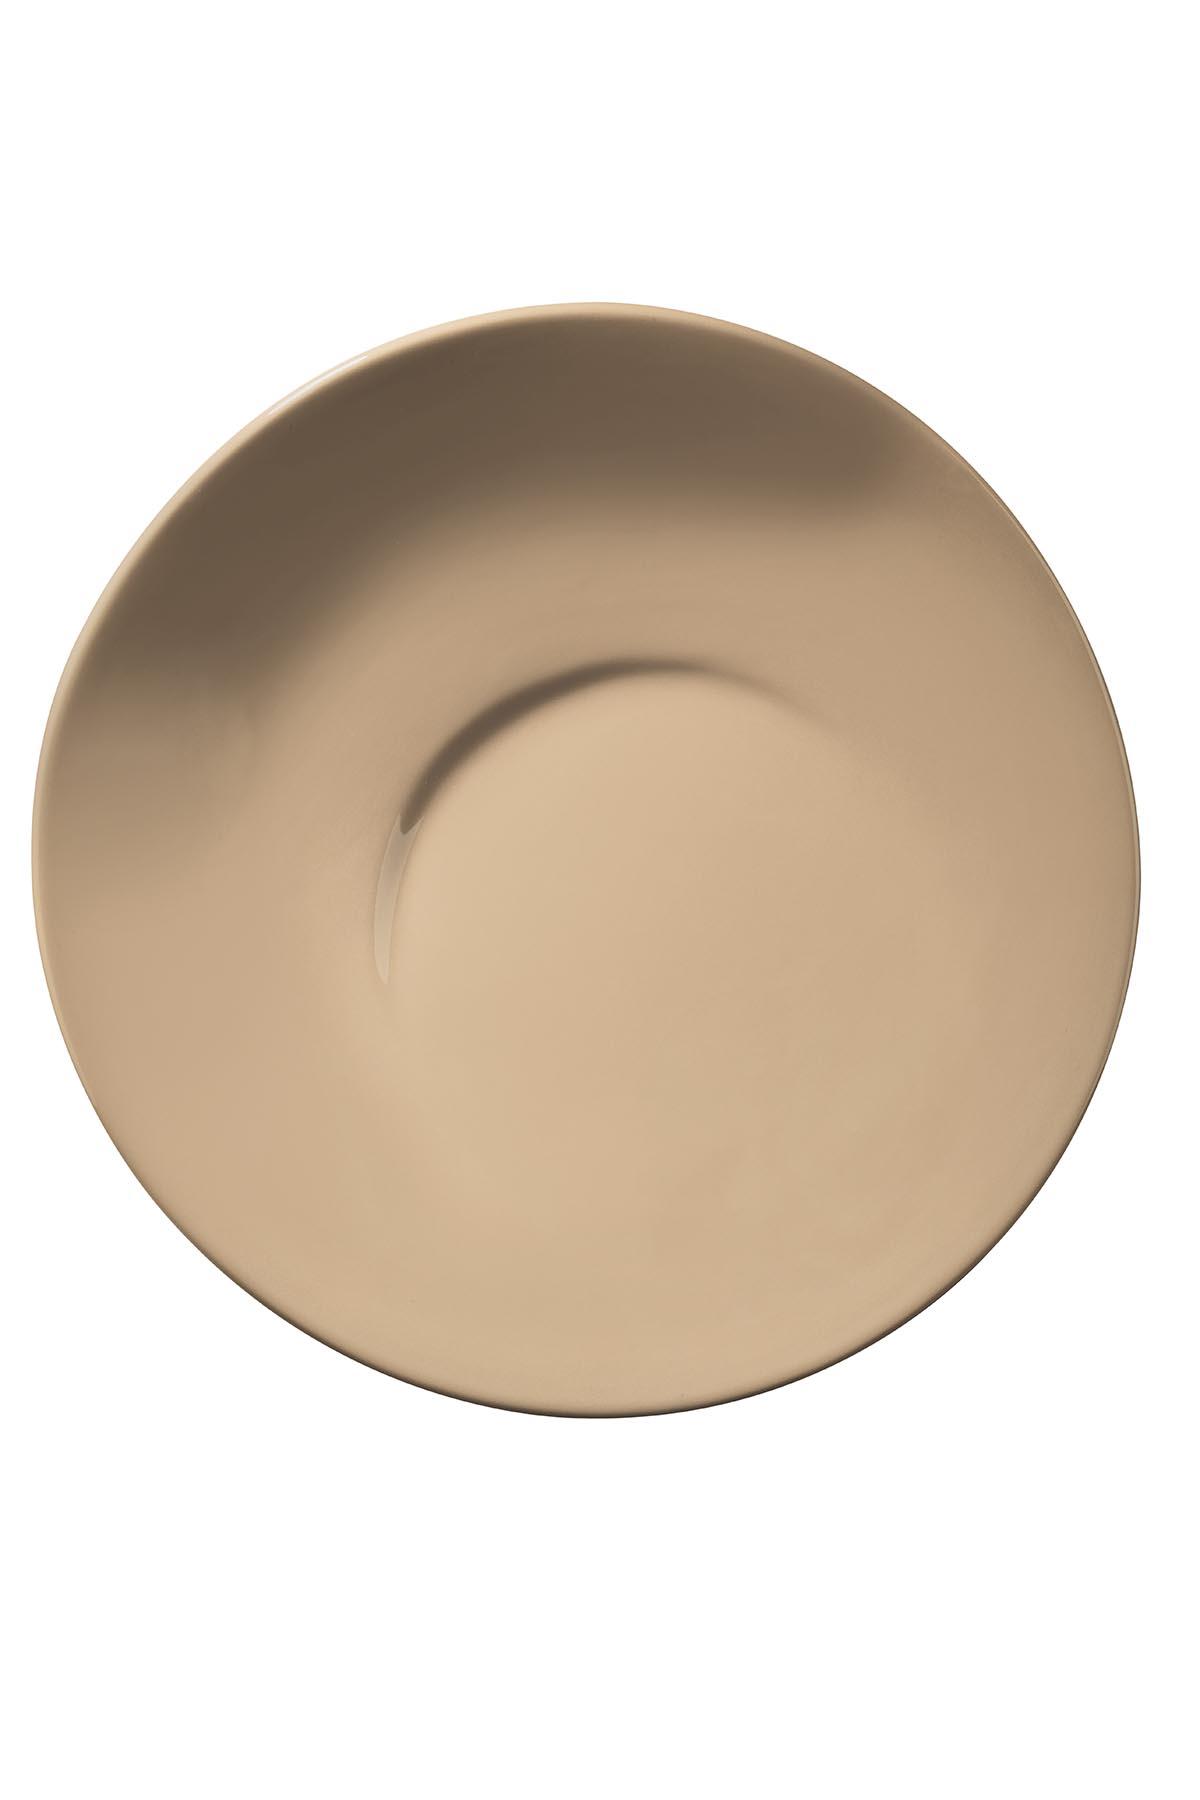 Kütahya Porselen - Aura 20 Cm Düz Tabak Bej